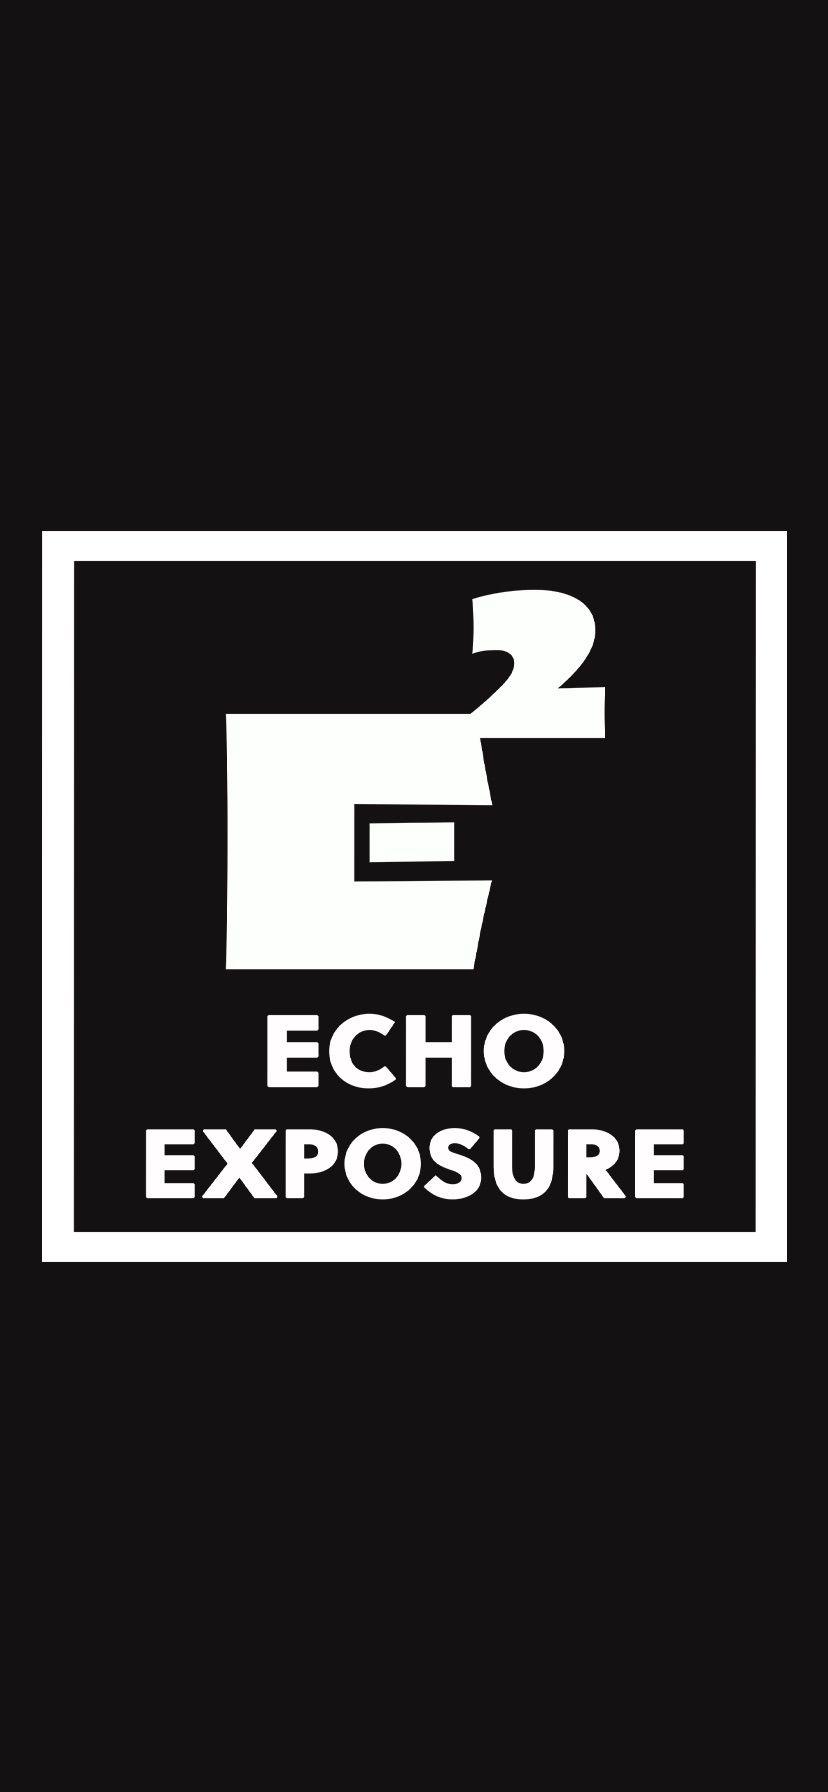 Echo Exposure